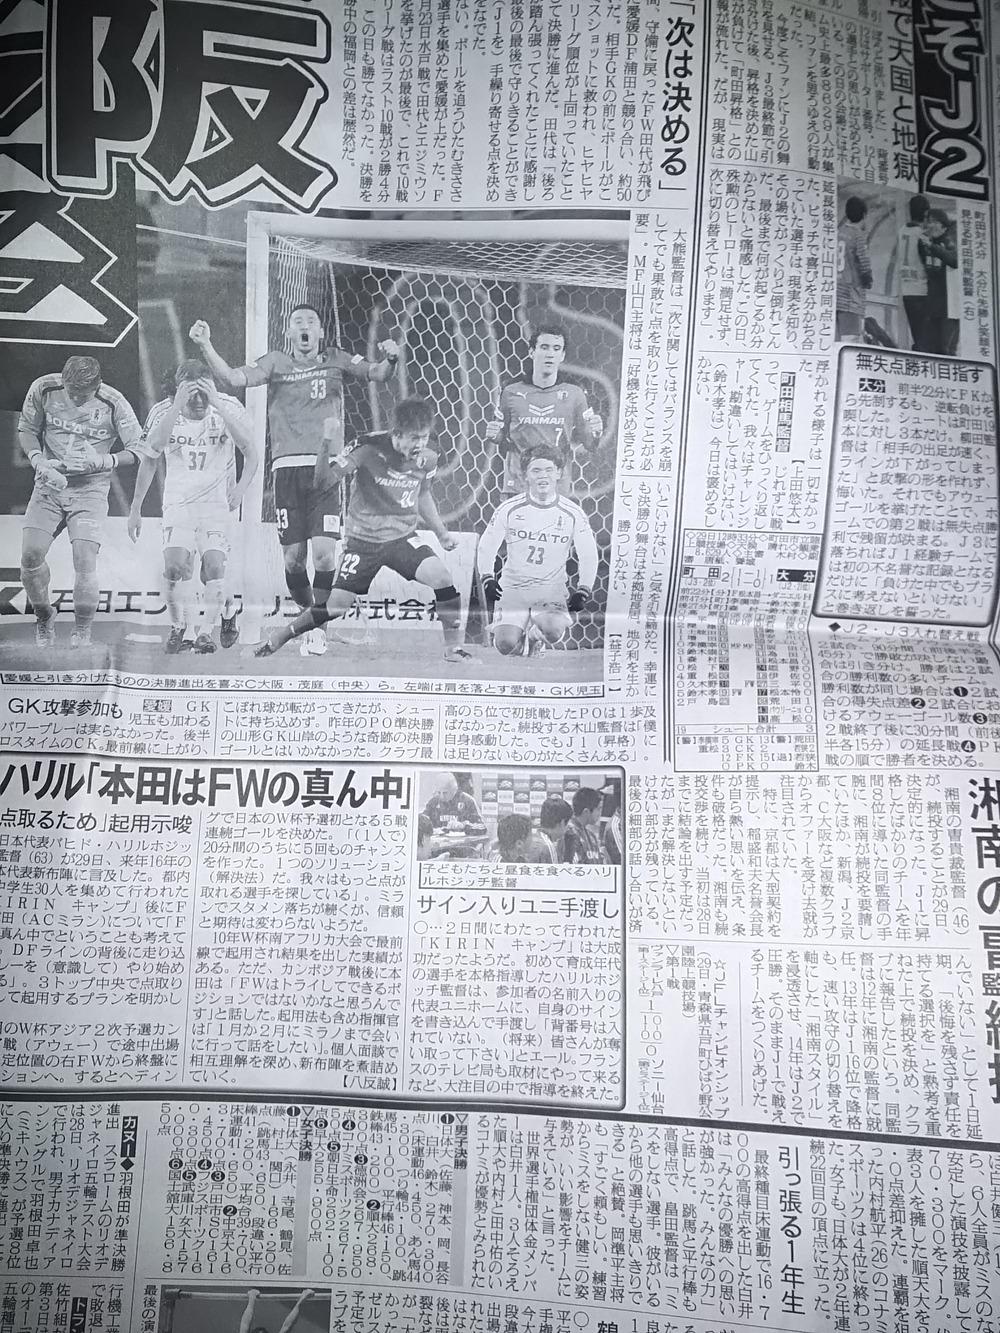 ◆画像◆C大阪がJ1昇格PO決勝進出を決めた瞬間のゴール前の画像がジワジワ来るwww